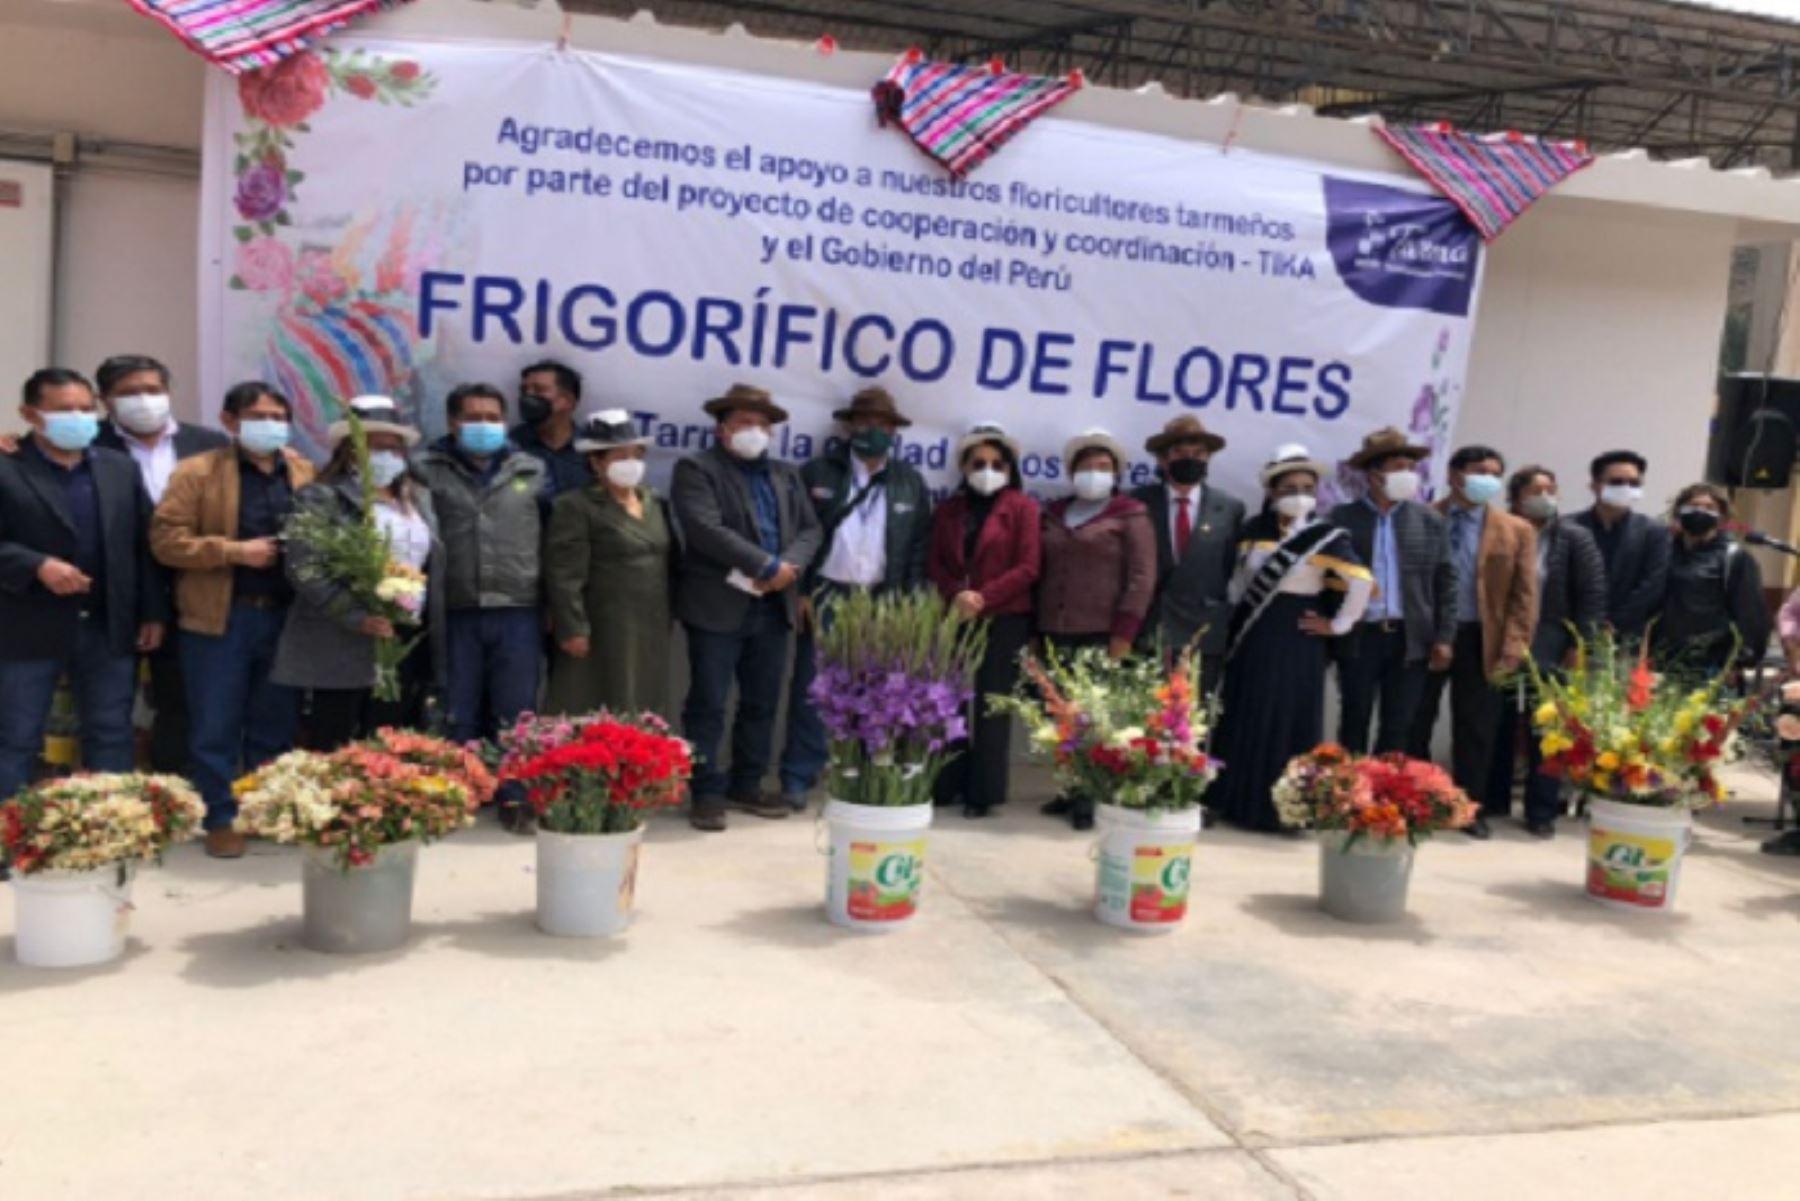 Perú cuenta con más de 7 mil familias productoras de flores y plantas.